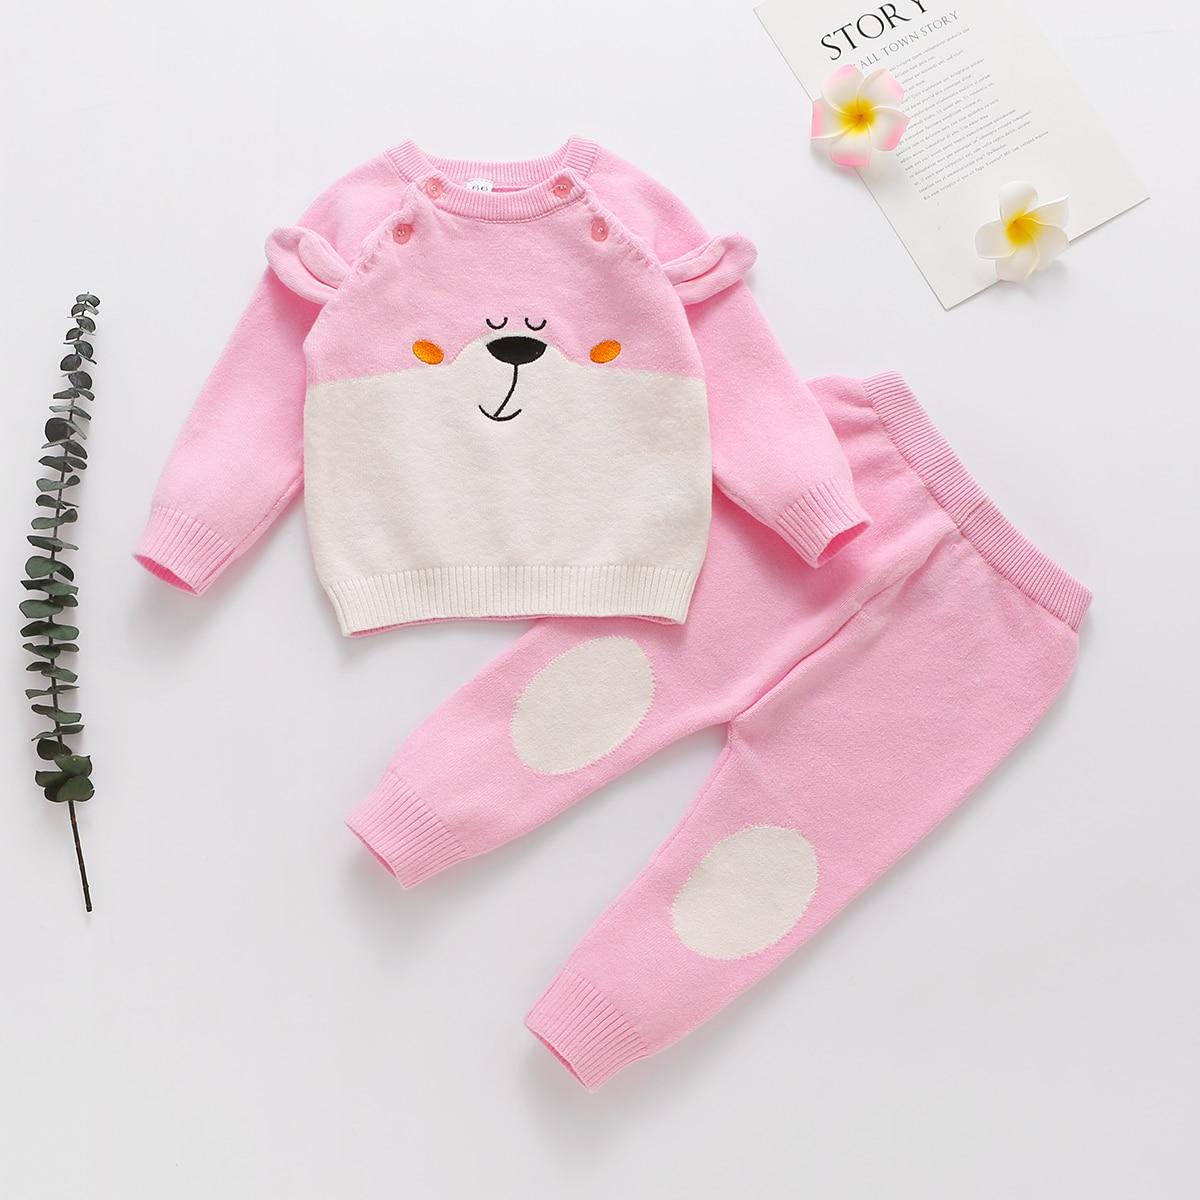 Трикотажные брюки и свитер с мультипликационной вышивкой для девочек